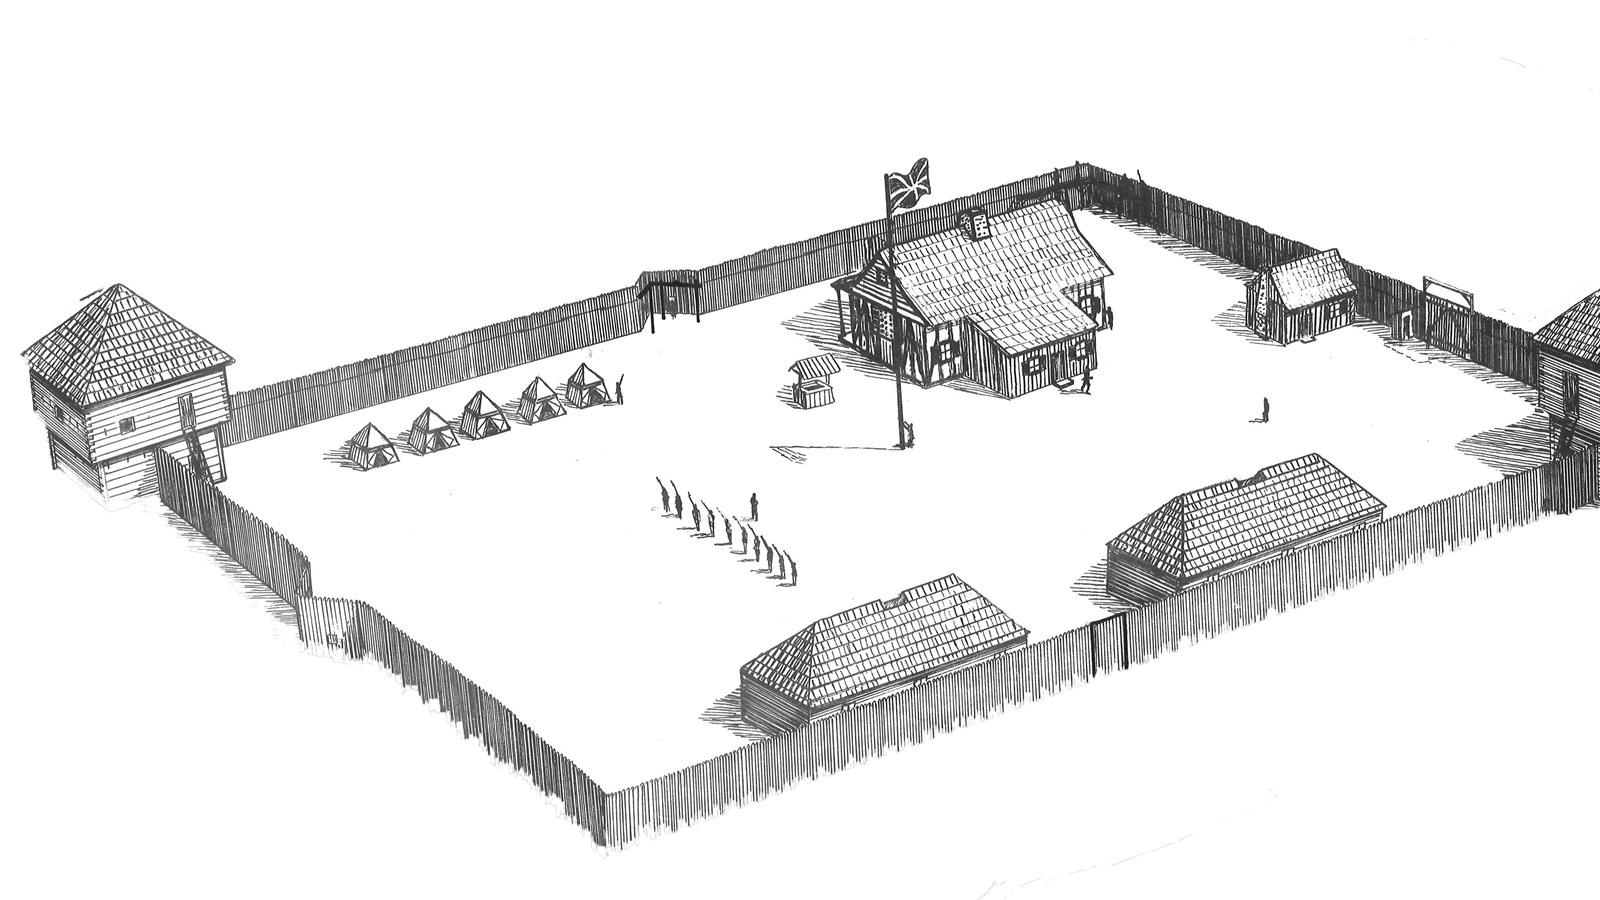 Fort Sackville